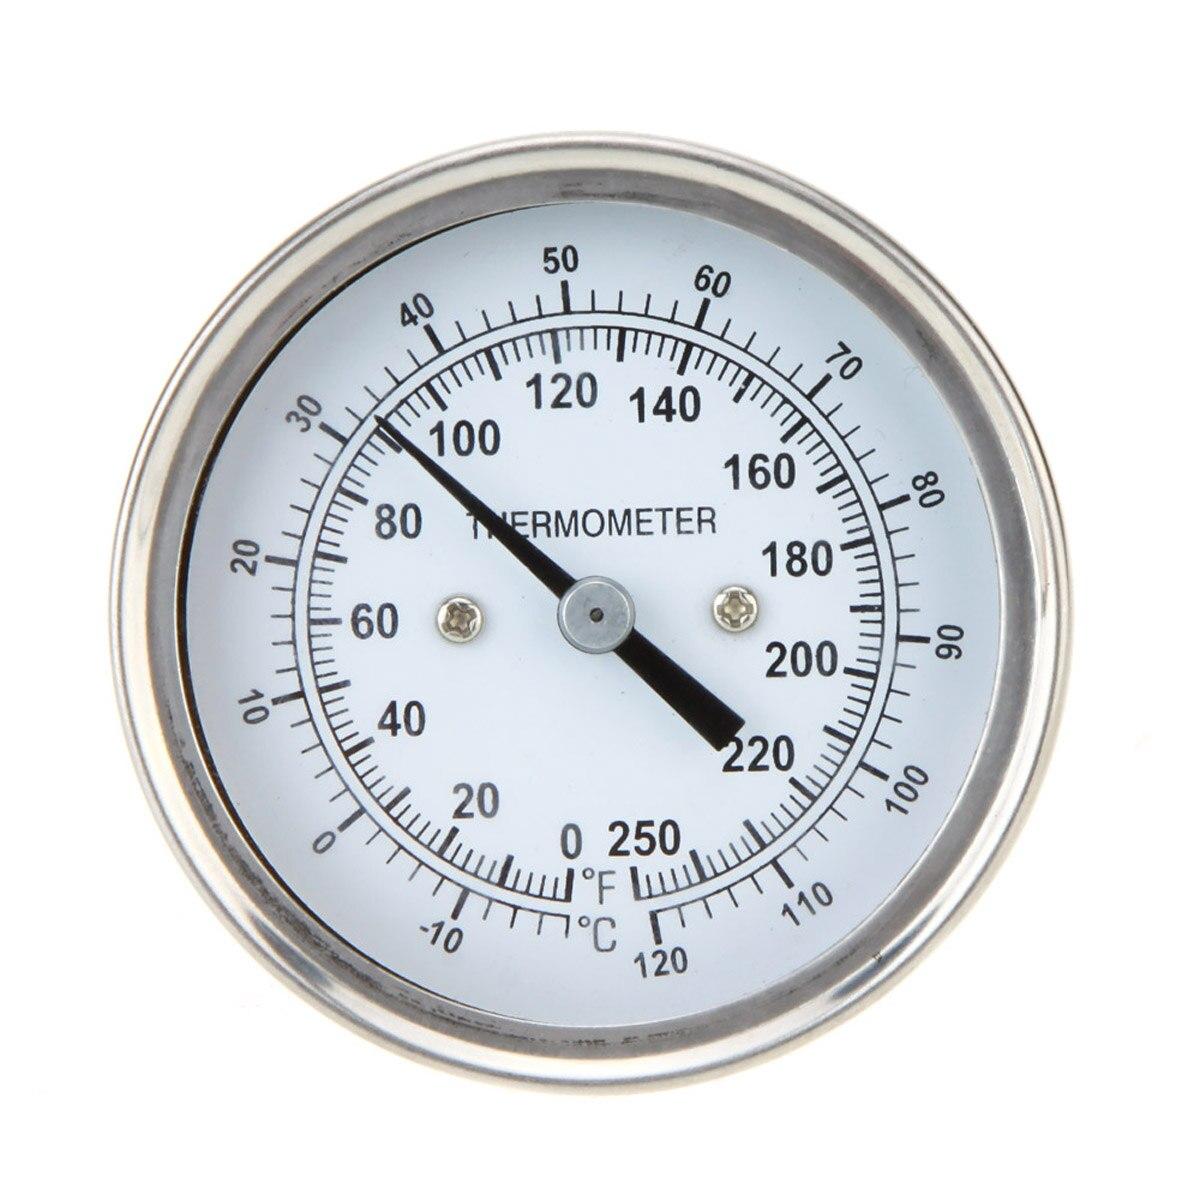 1 Pc Grill Thermometer Drahtlose Temperatur Gauge Für Chemische Industrie Medizinische Industrie Labor Eine GroßE Auswahl An Waren